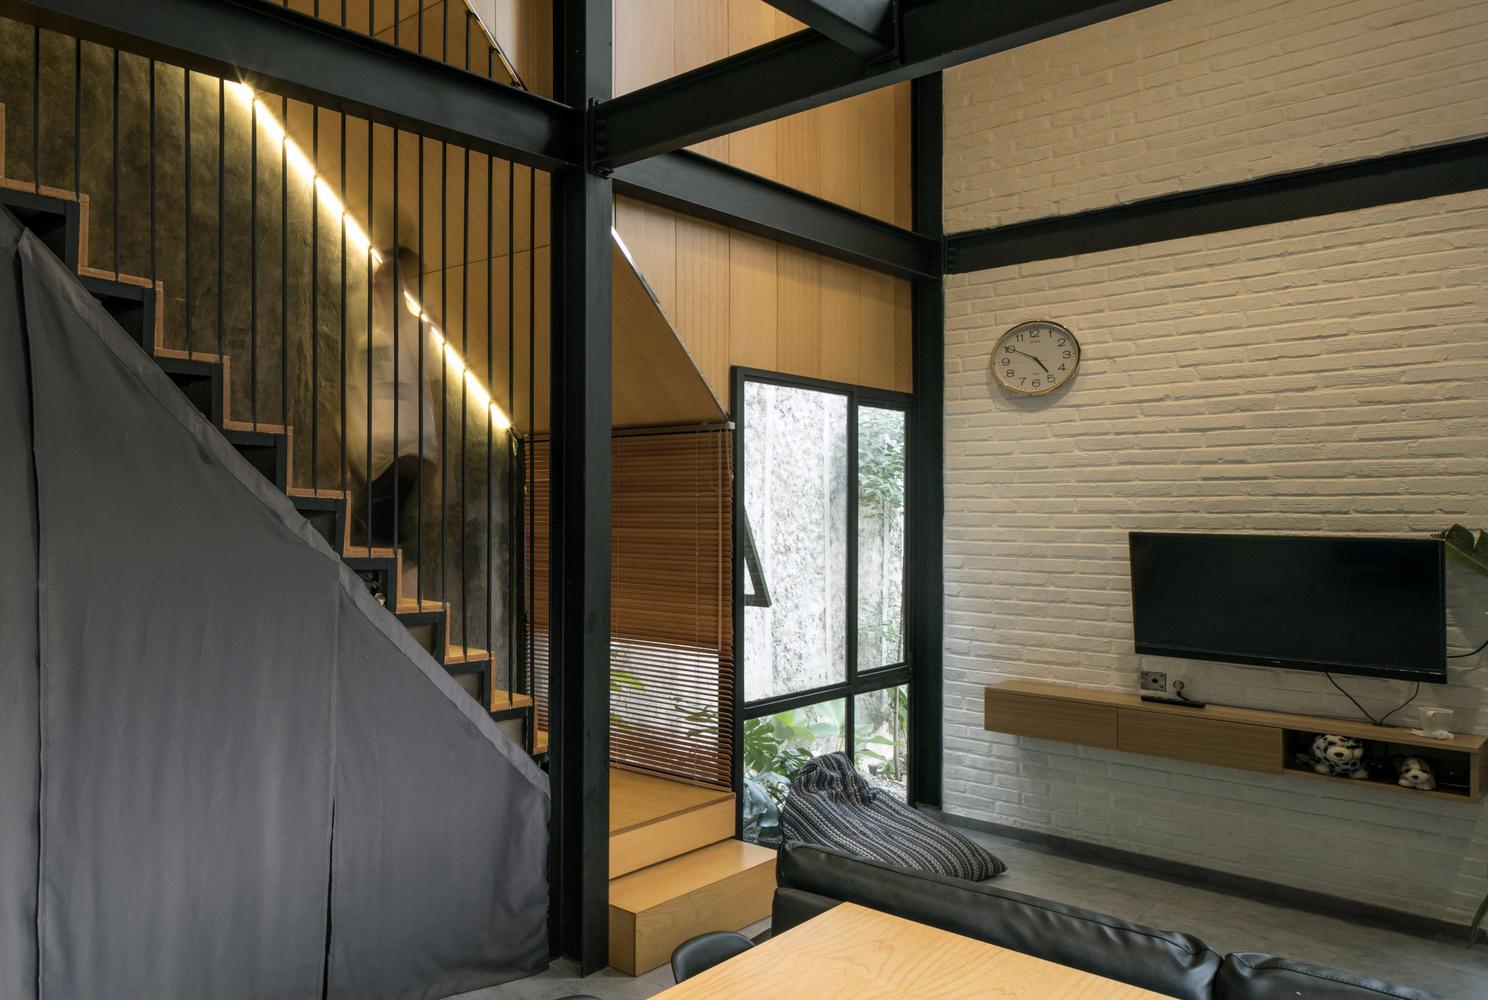 Hình ảnh một góc phòng khách với tivi gắn vào bức tường gạch sơn trắng, cạnh đó là cửa kính mở ra khu vườn nhỏ bên ngoài